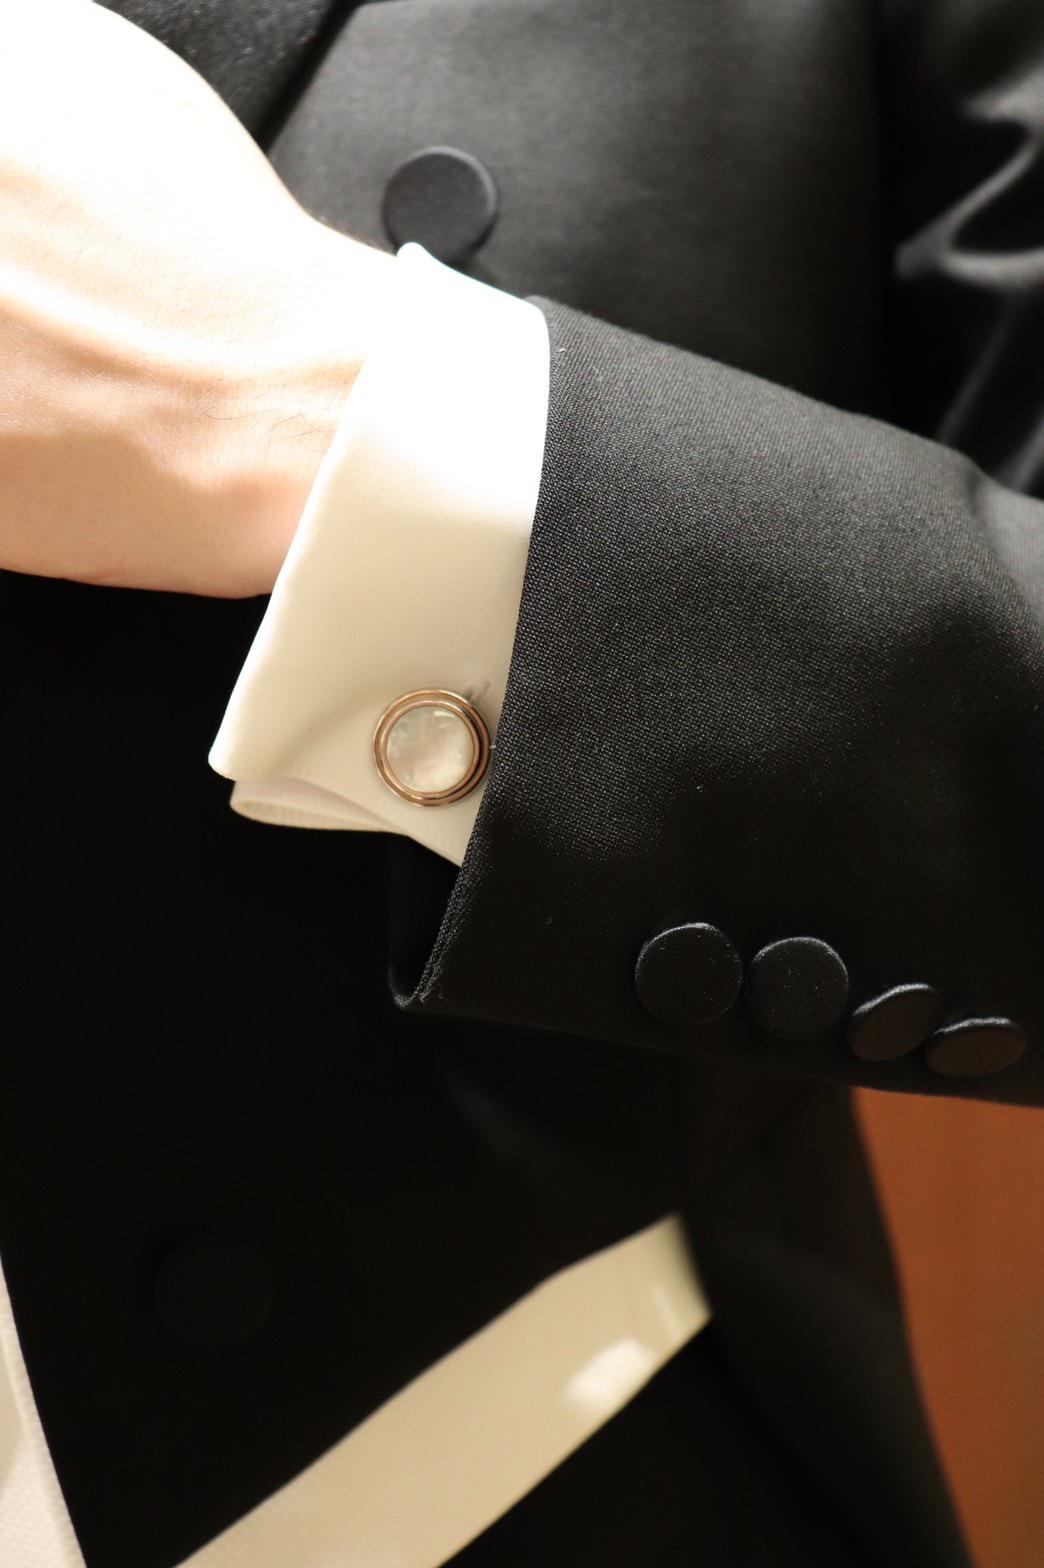 ・ザトリートドレッシング名古屋店で紹介したい格式を重んじる新郎様におすすめの挙式でのフォーマルスタイルの燕尾服